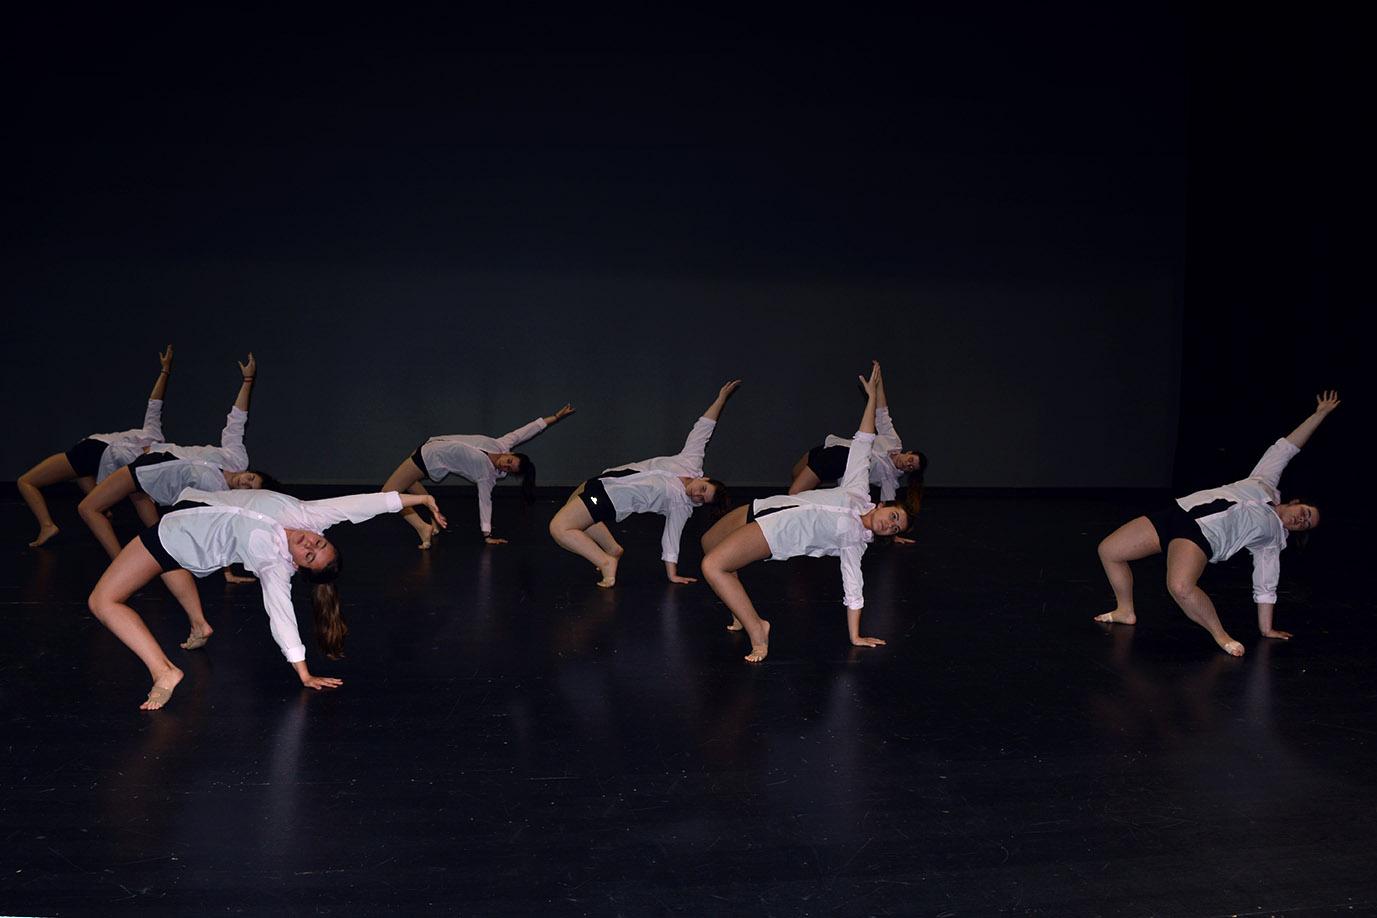 grupo 3 del 2019 figura de puente en el suelo con la camisa blanca